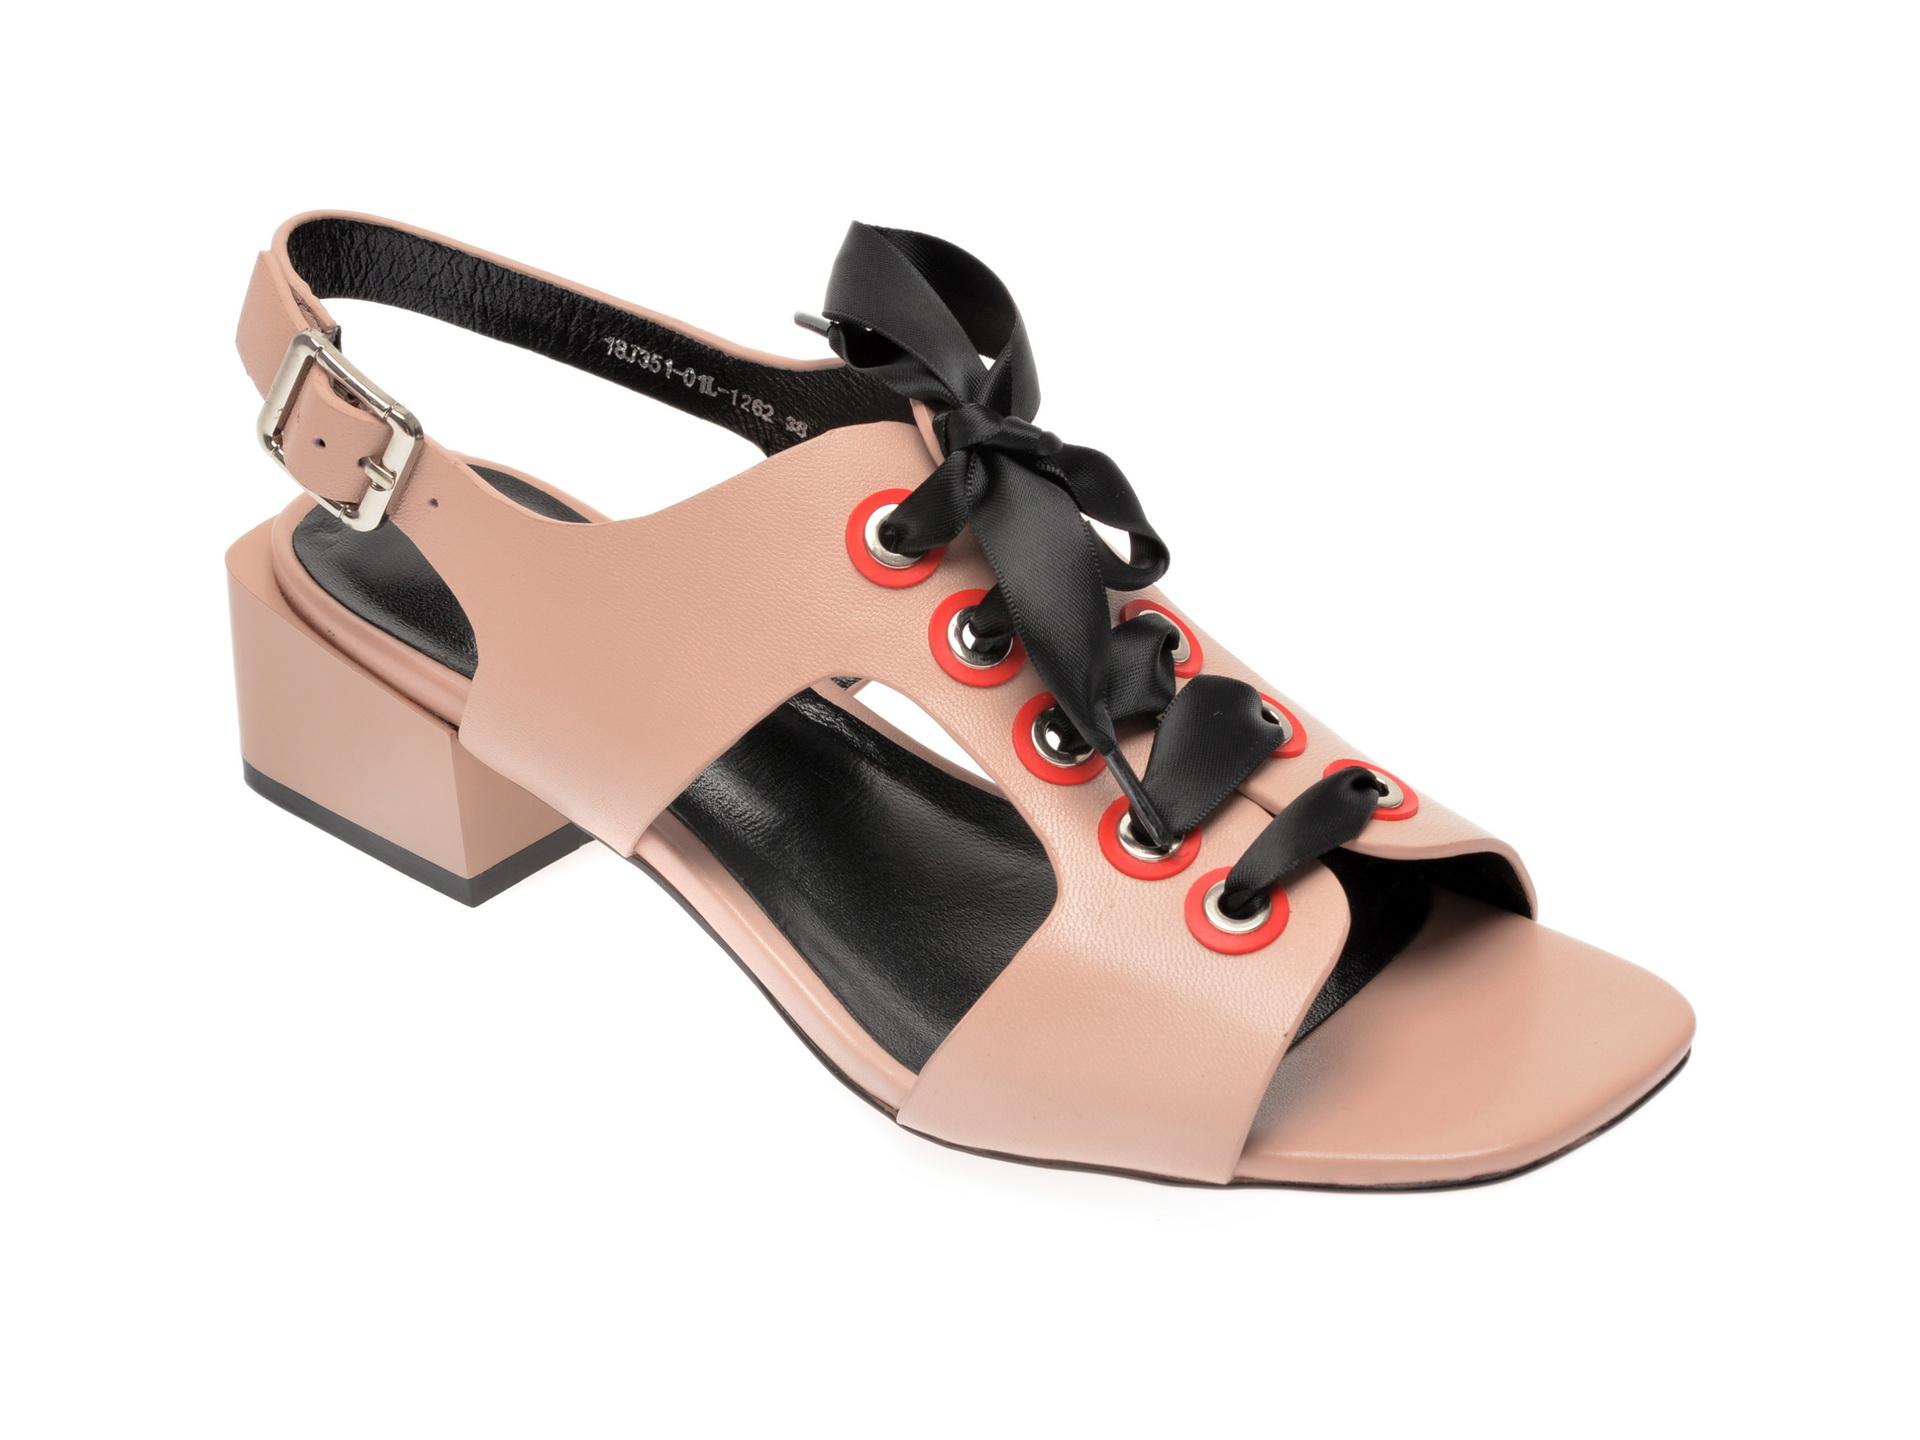 Sandale EPICA bej, 18J3510, din piele naturala